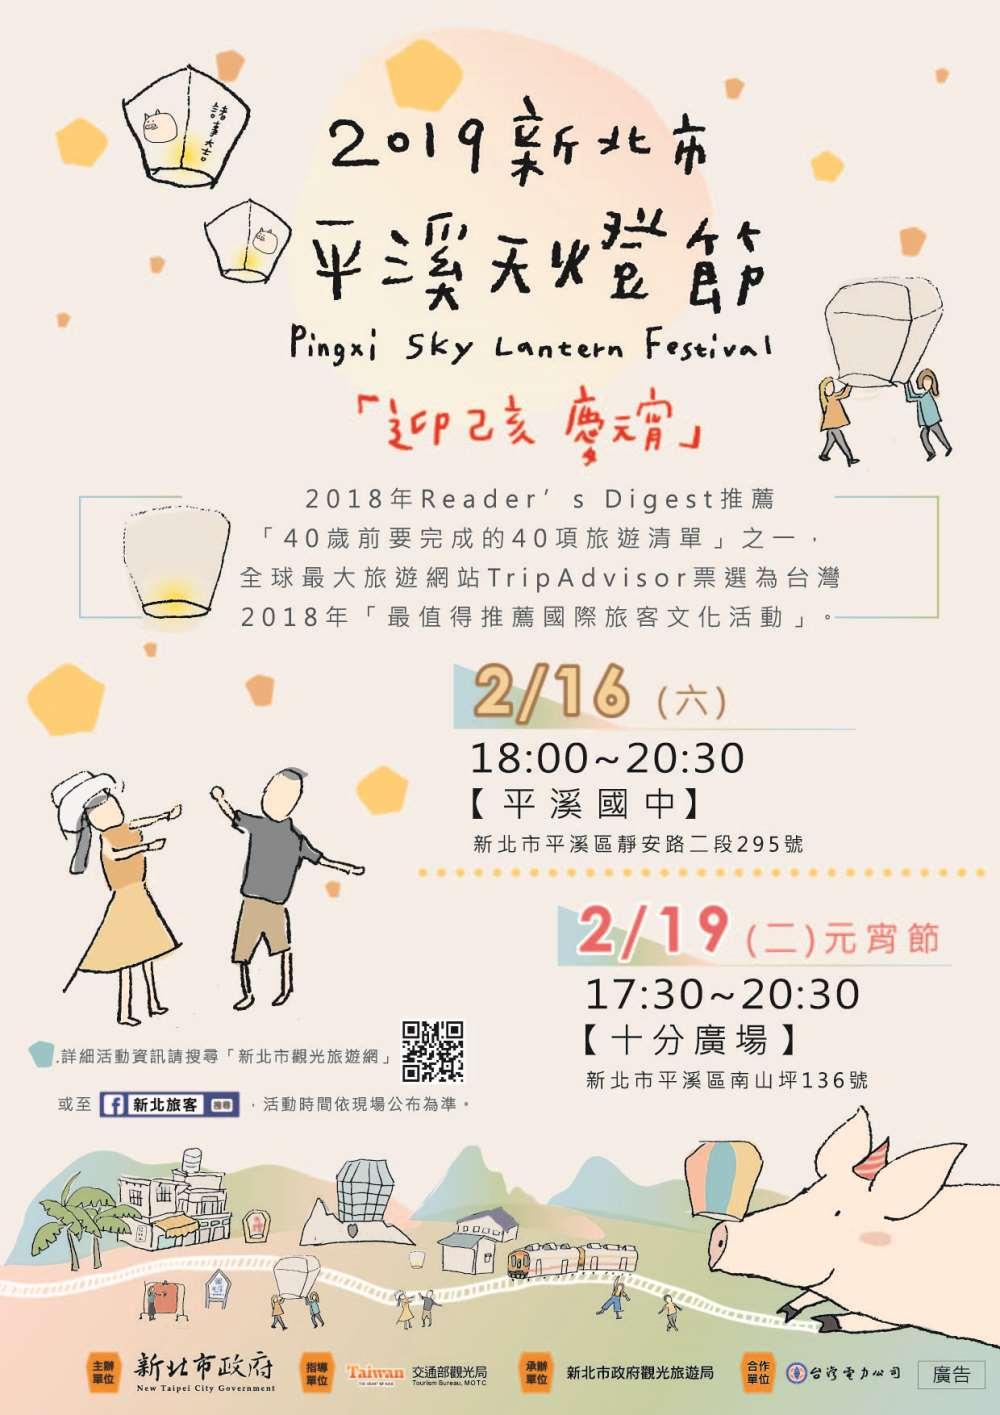 2019新北市平溪天燈節(新北元宵燈會)